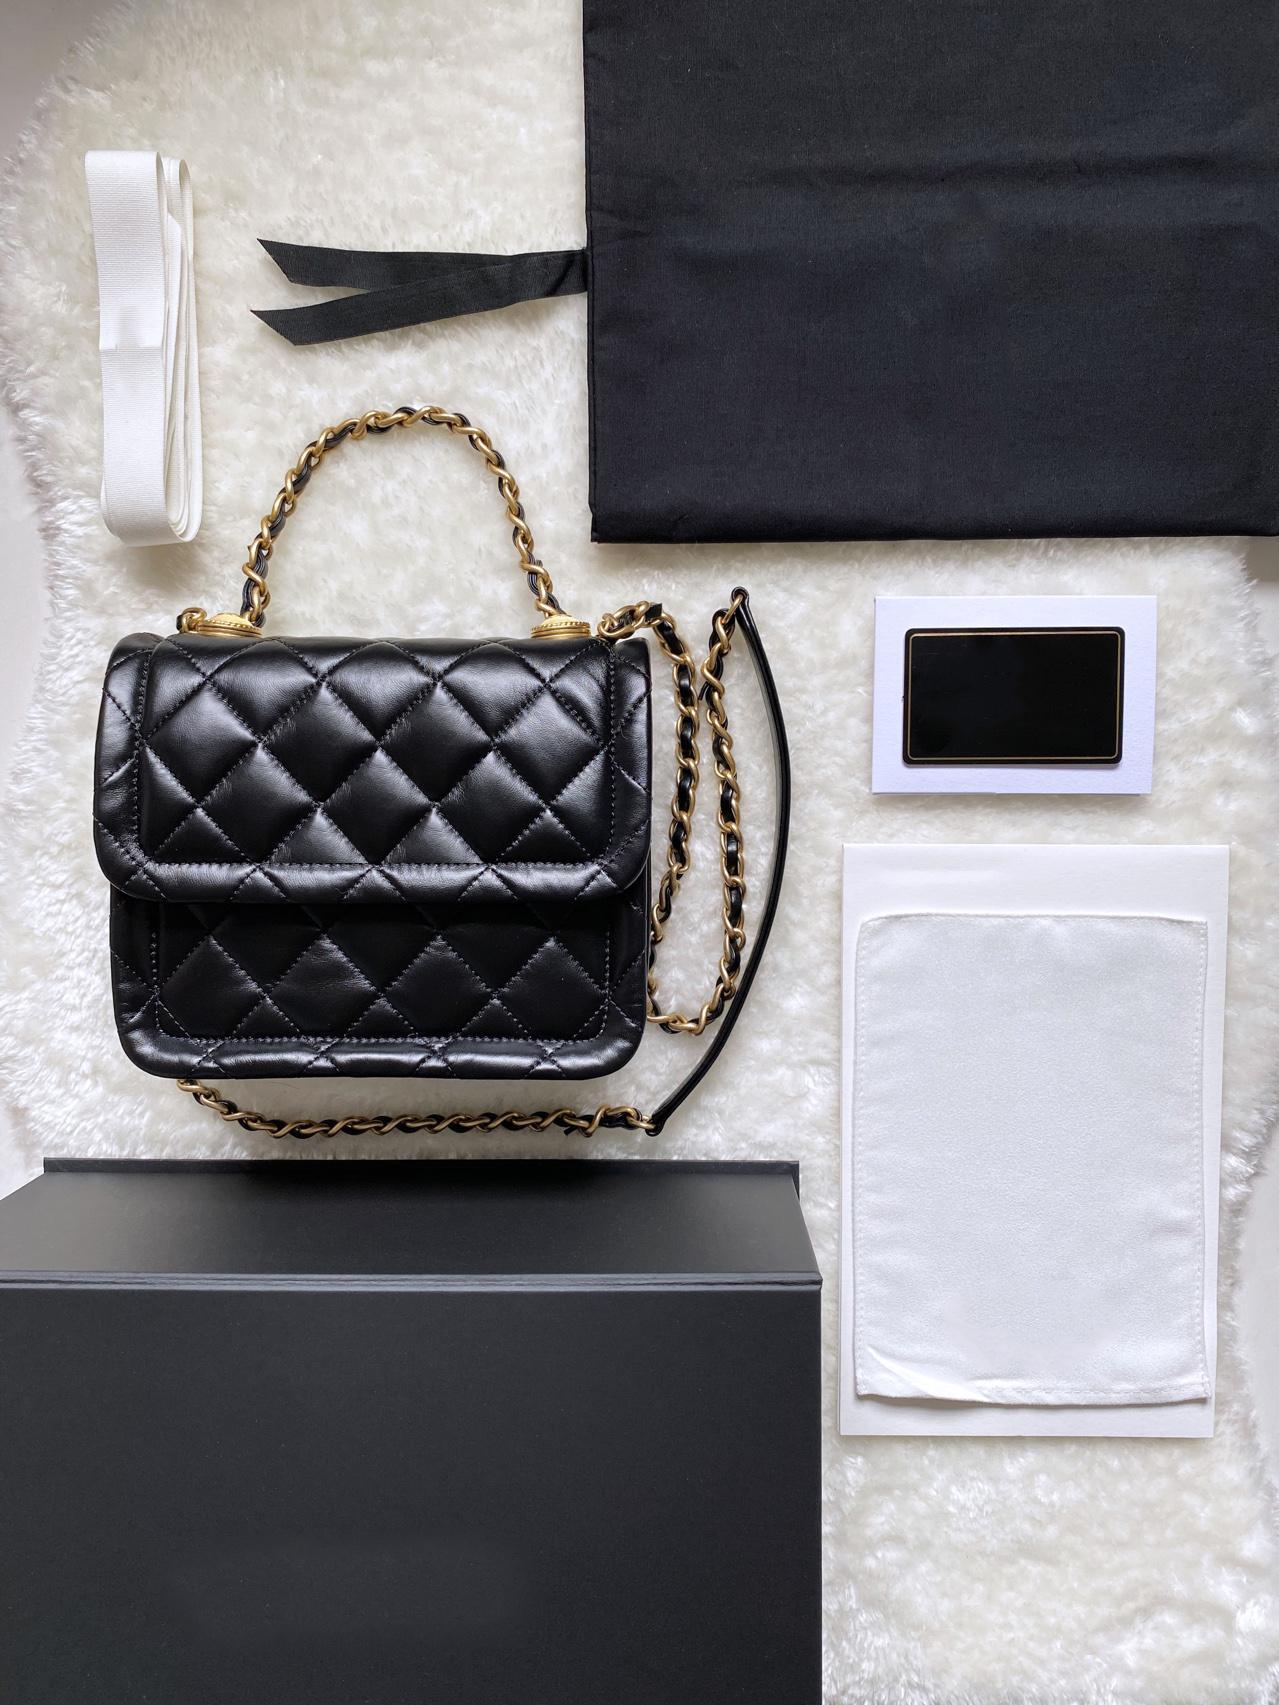 Crossbody Mini Handtasche Clutch Leder Frauen Handtaschen Klassische Luxusdesigns Tofu Paket Goldkette Schwarz Lammbörse Schaffell Brieftasche Großhandel